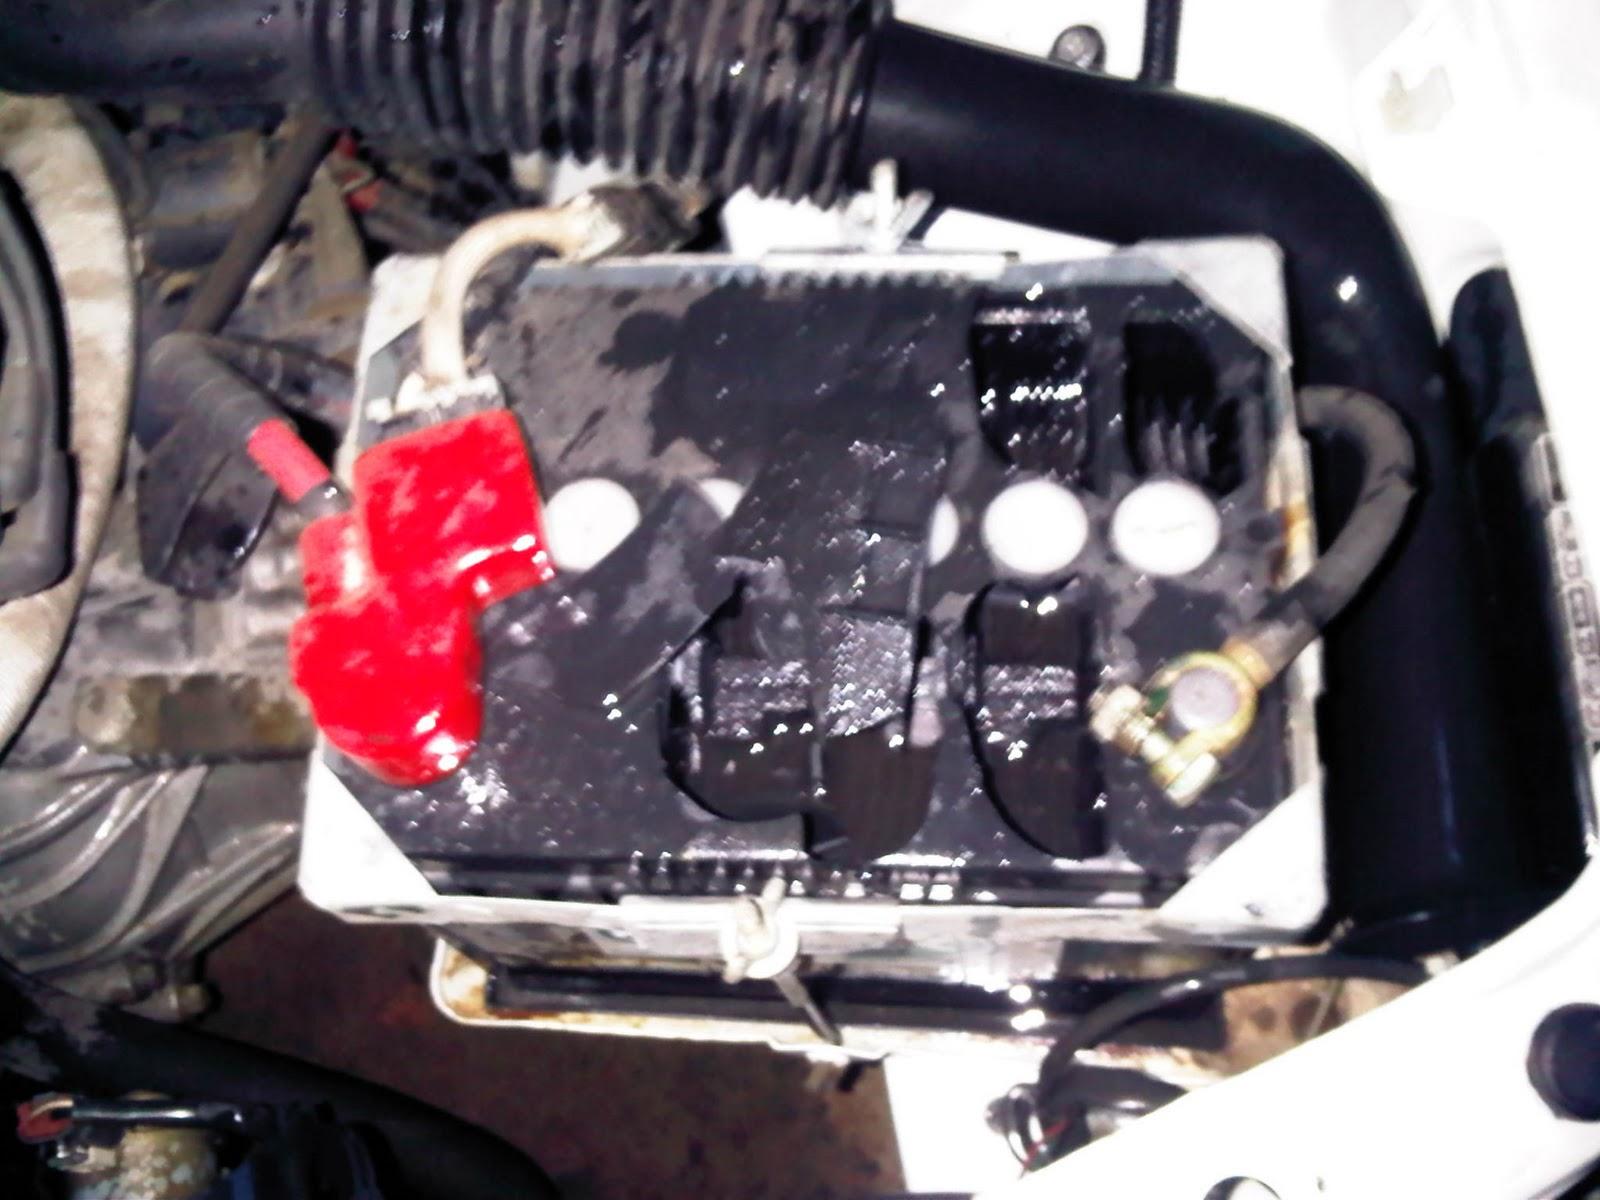 Got Car Battery Acid On Hands